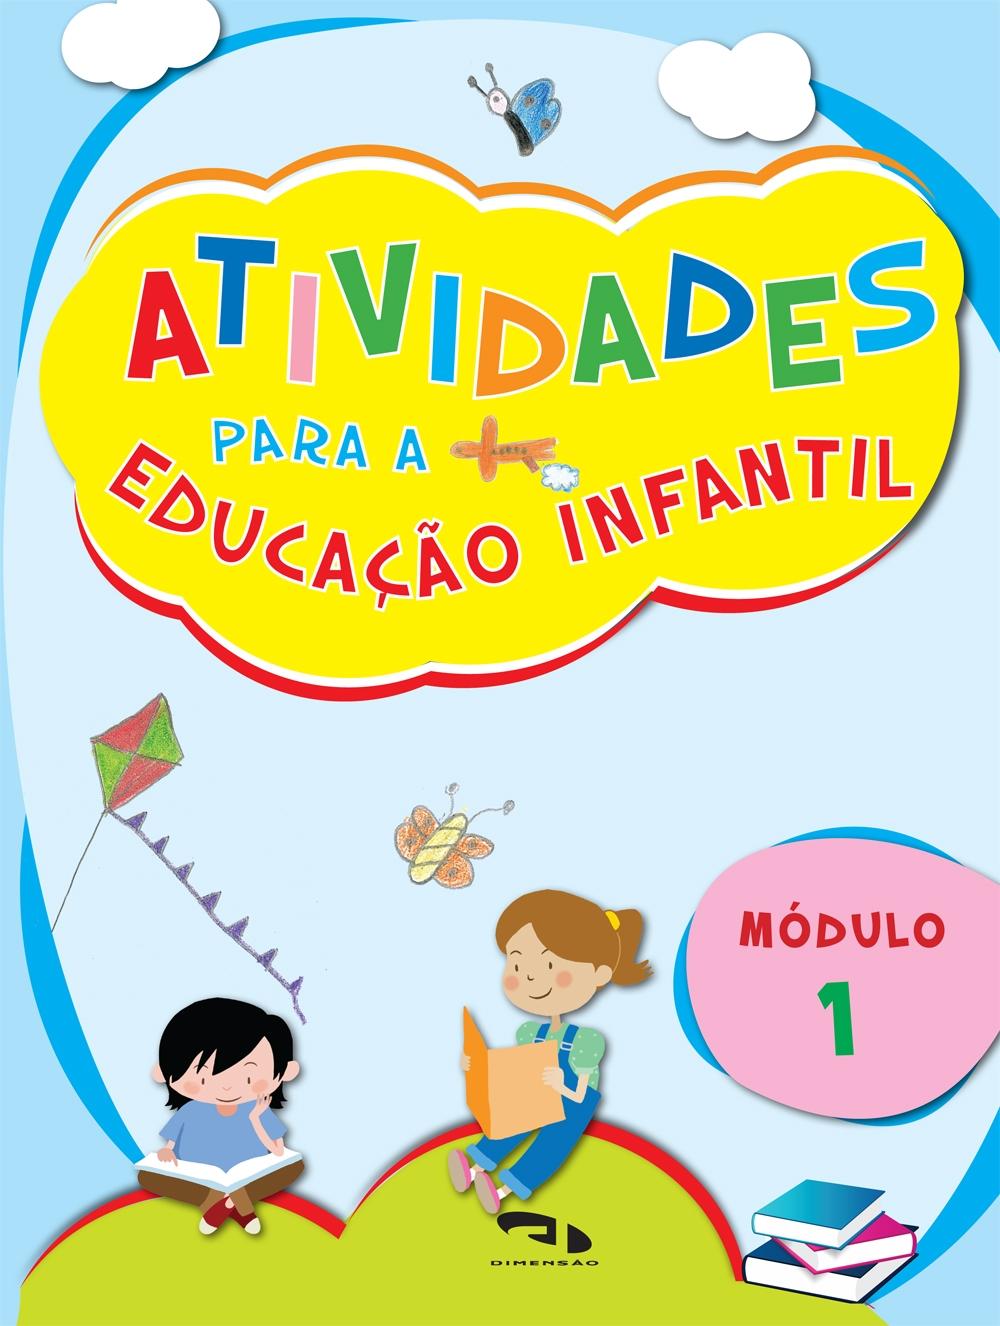 Livro Atividades para Educação Infantil - Módulo 1